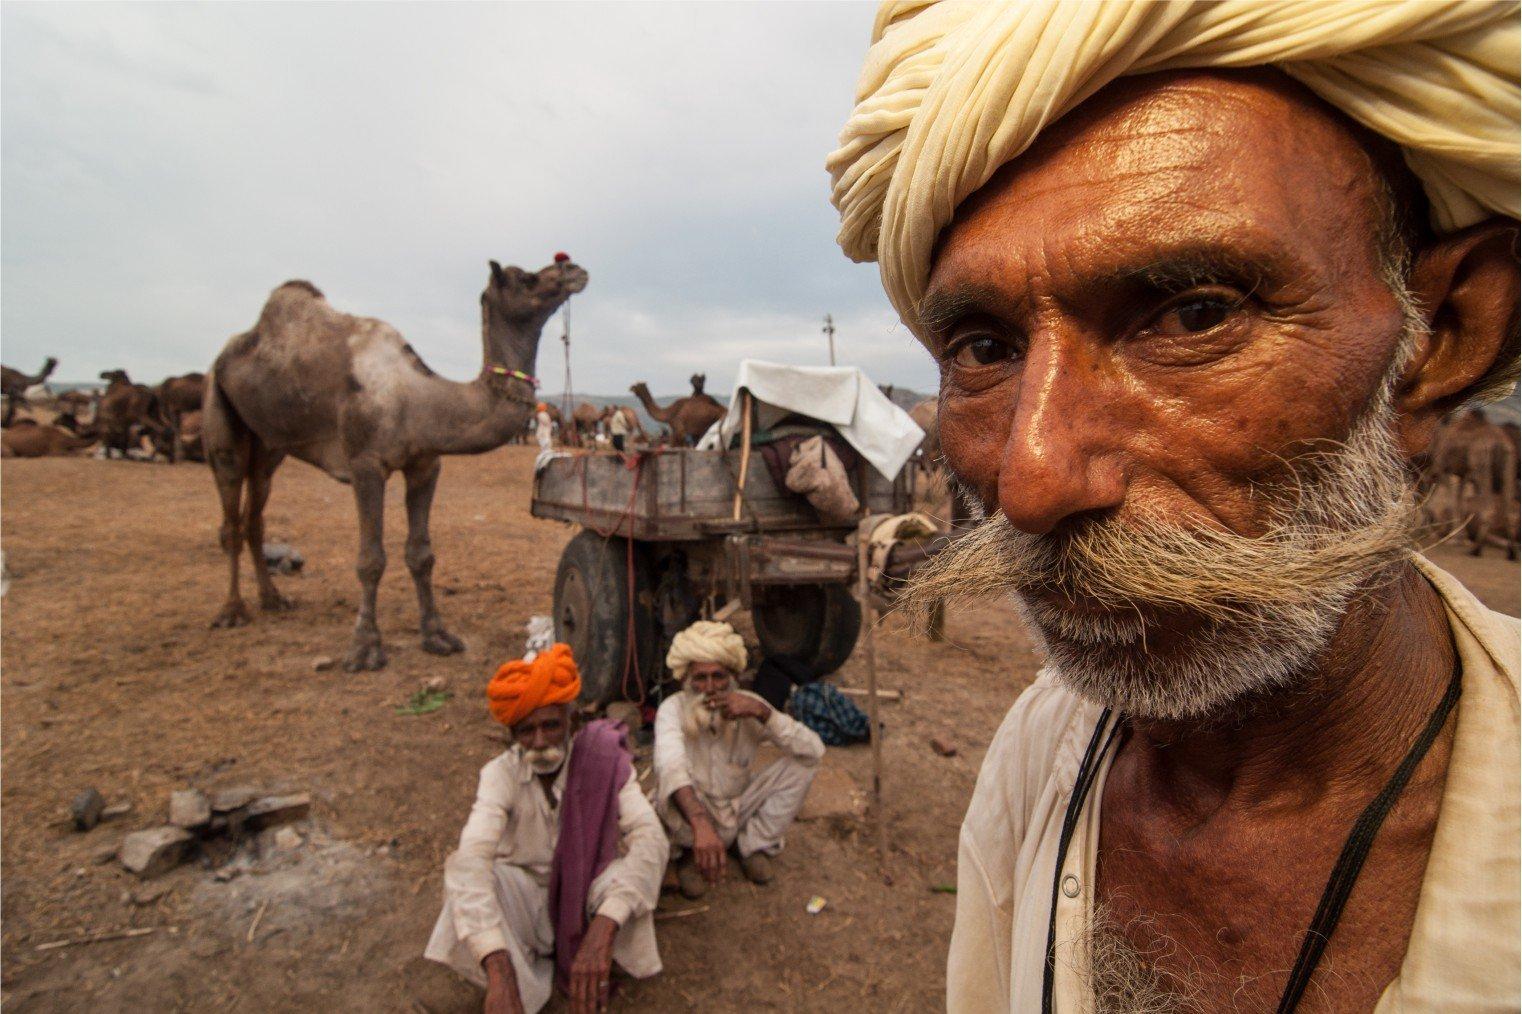 Pushkar Camel Fair, India. Ярмарка верблюдов в Пушкаре, Индия.